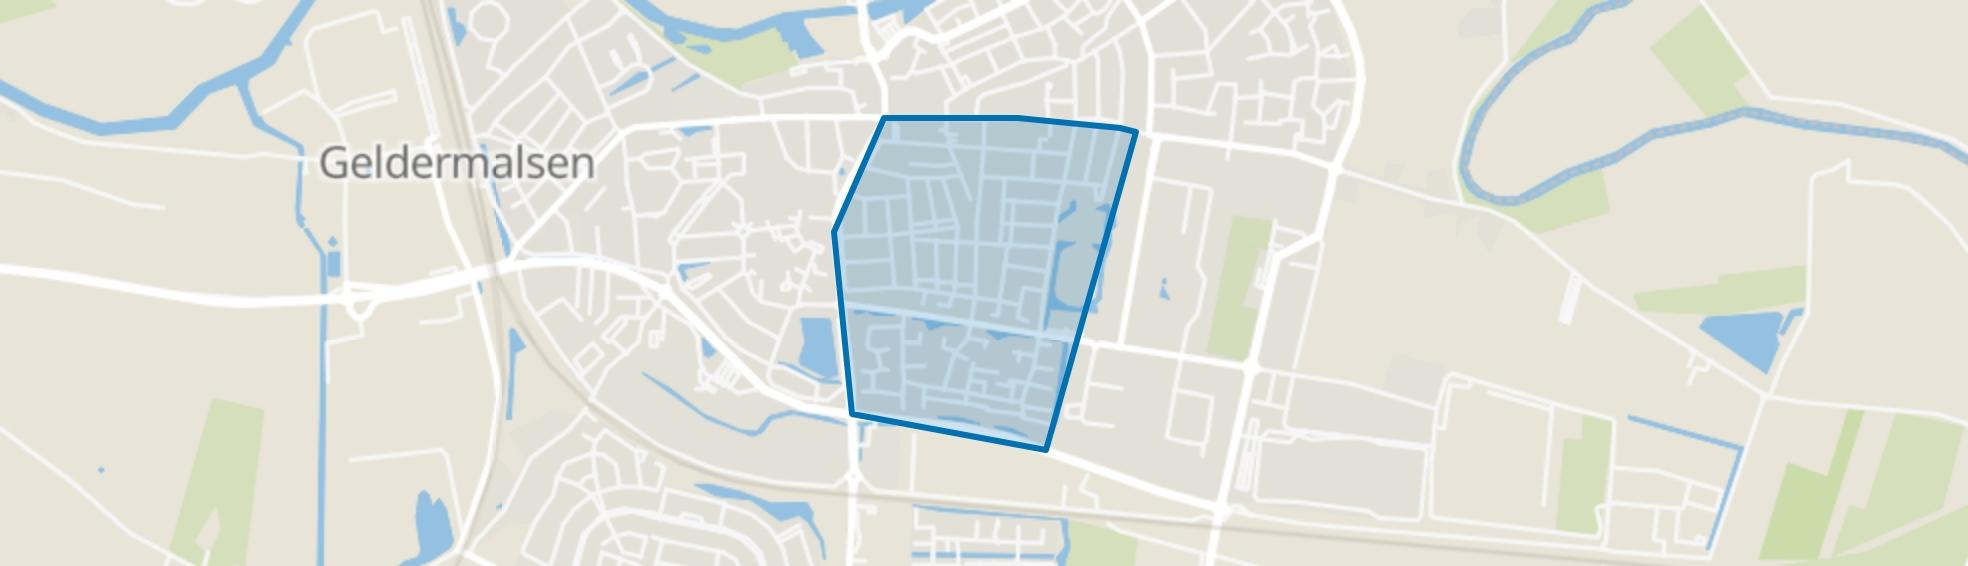 Geldermalsen Zuid, Geldermalsen map